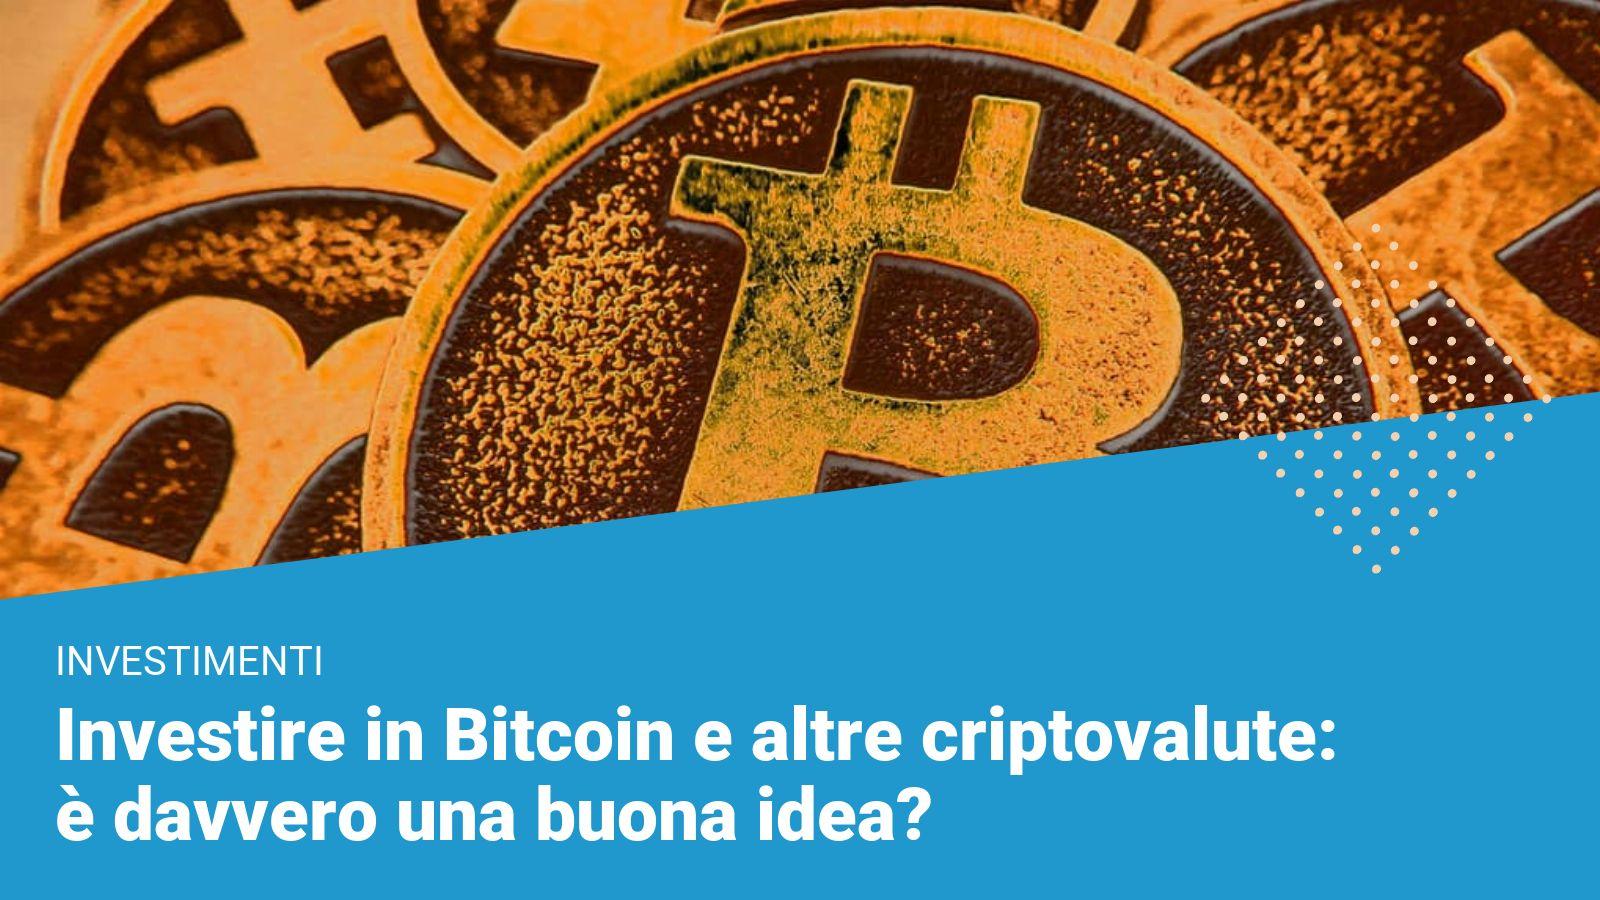 investire bitcoin a italia come essere la moglie di un uomo ricco